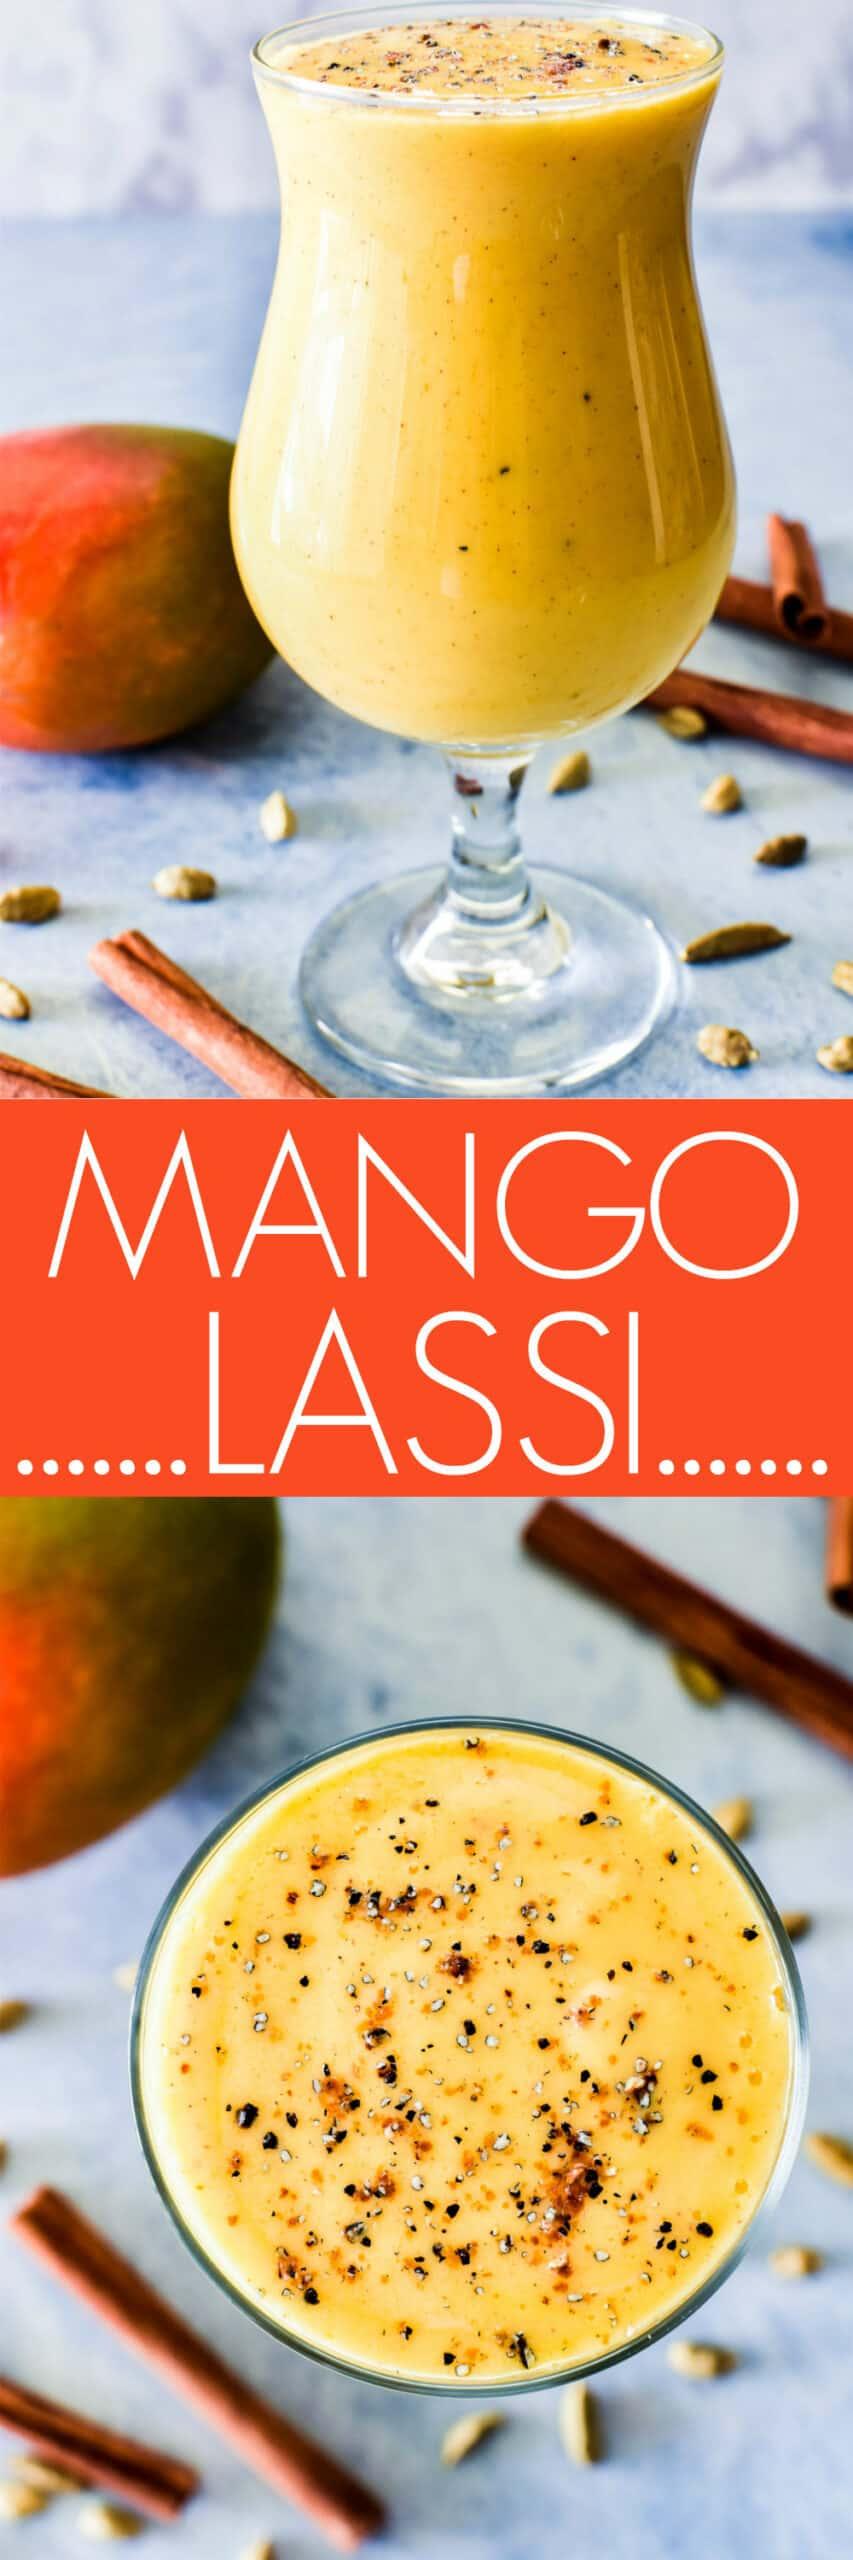 Collage image of Mango Lassi